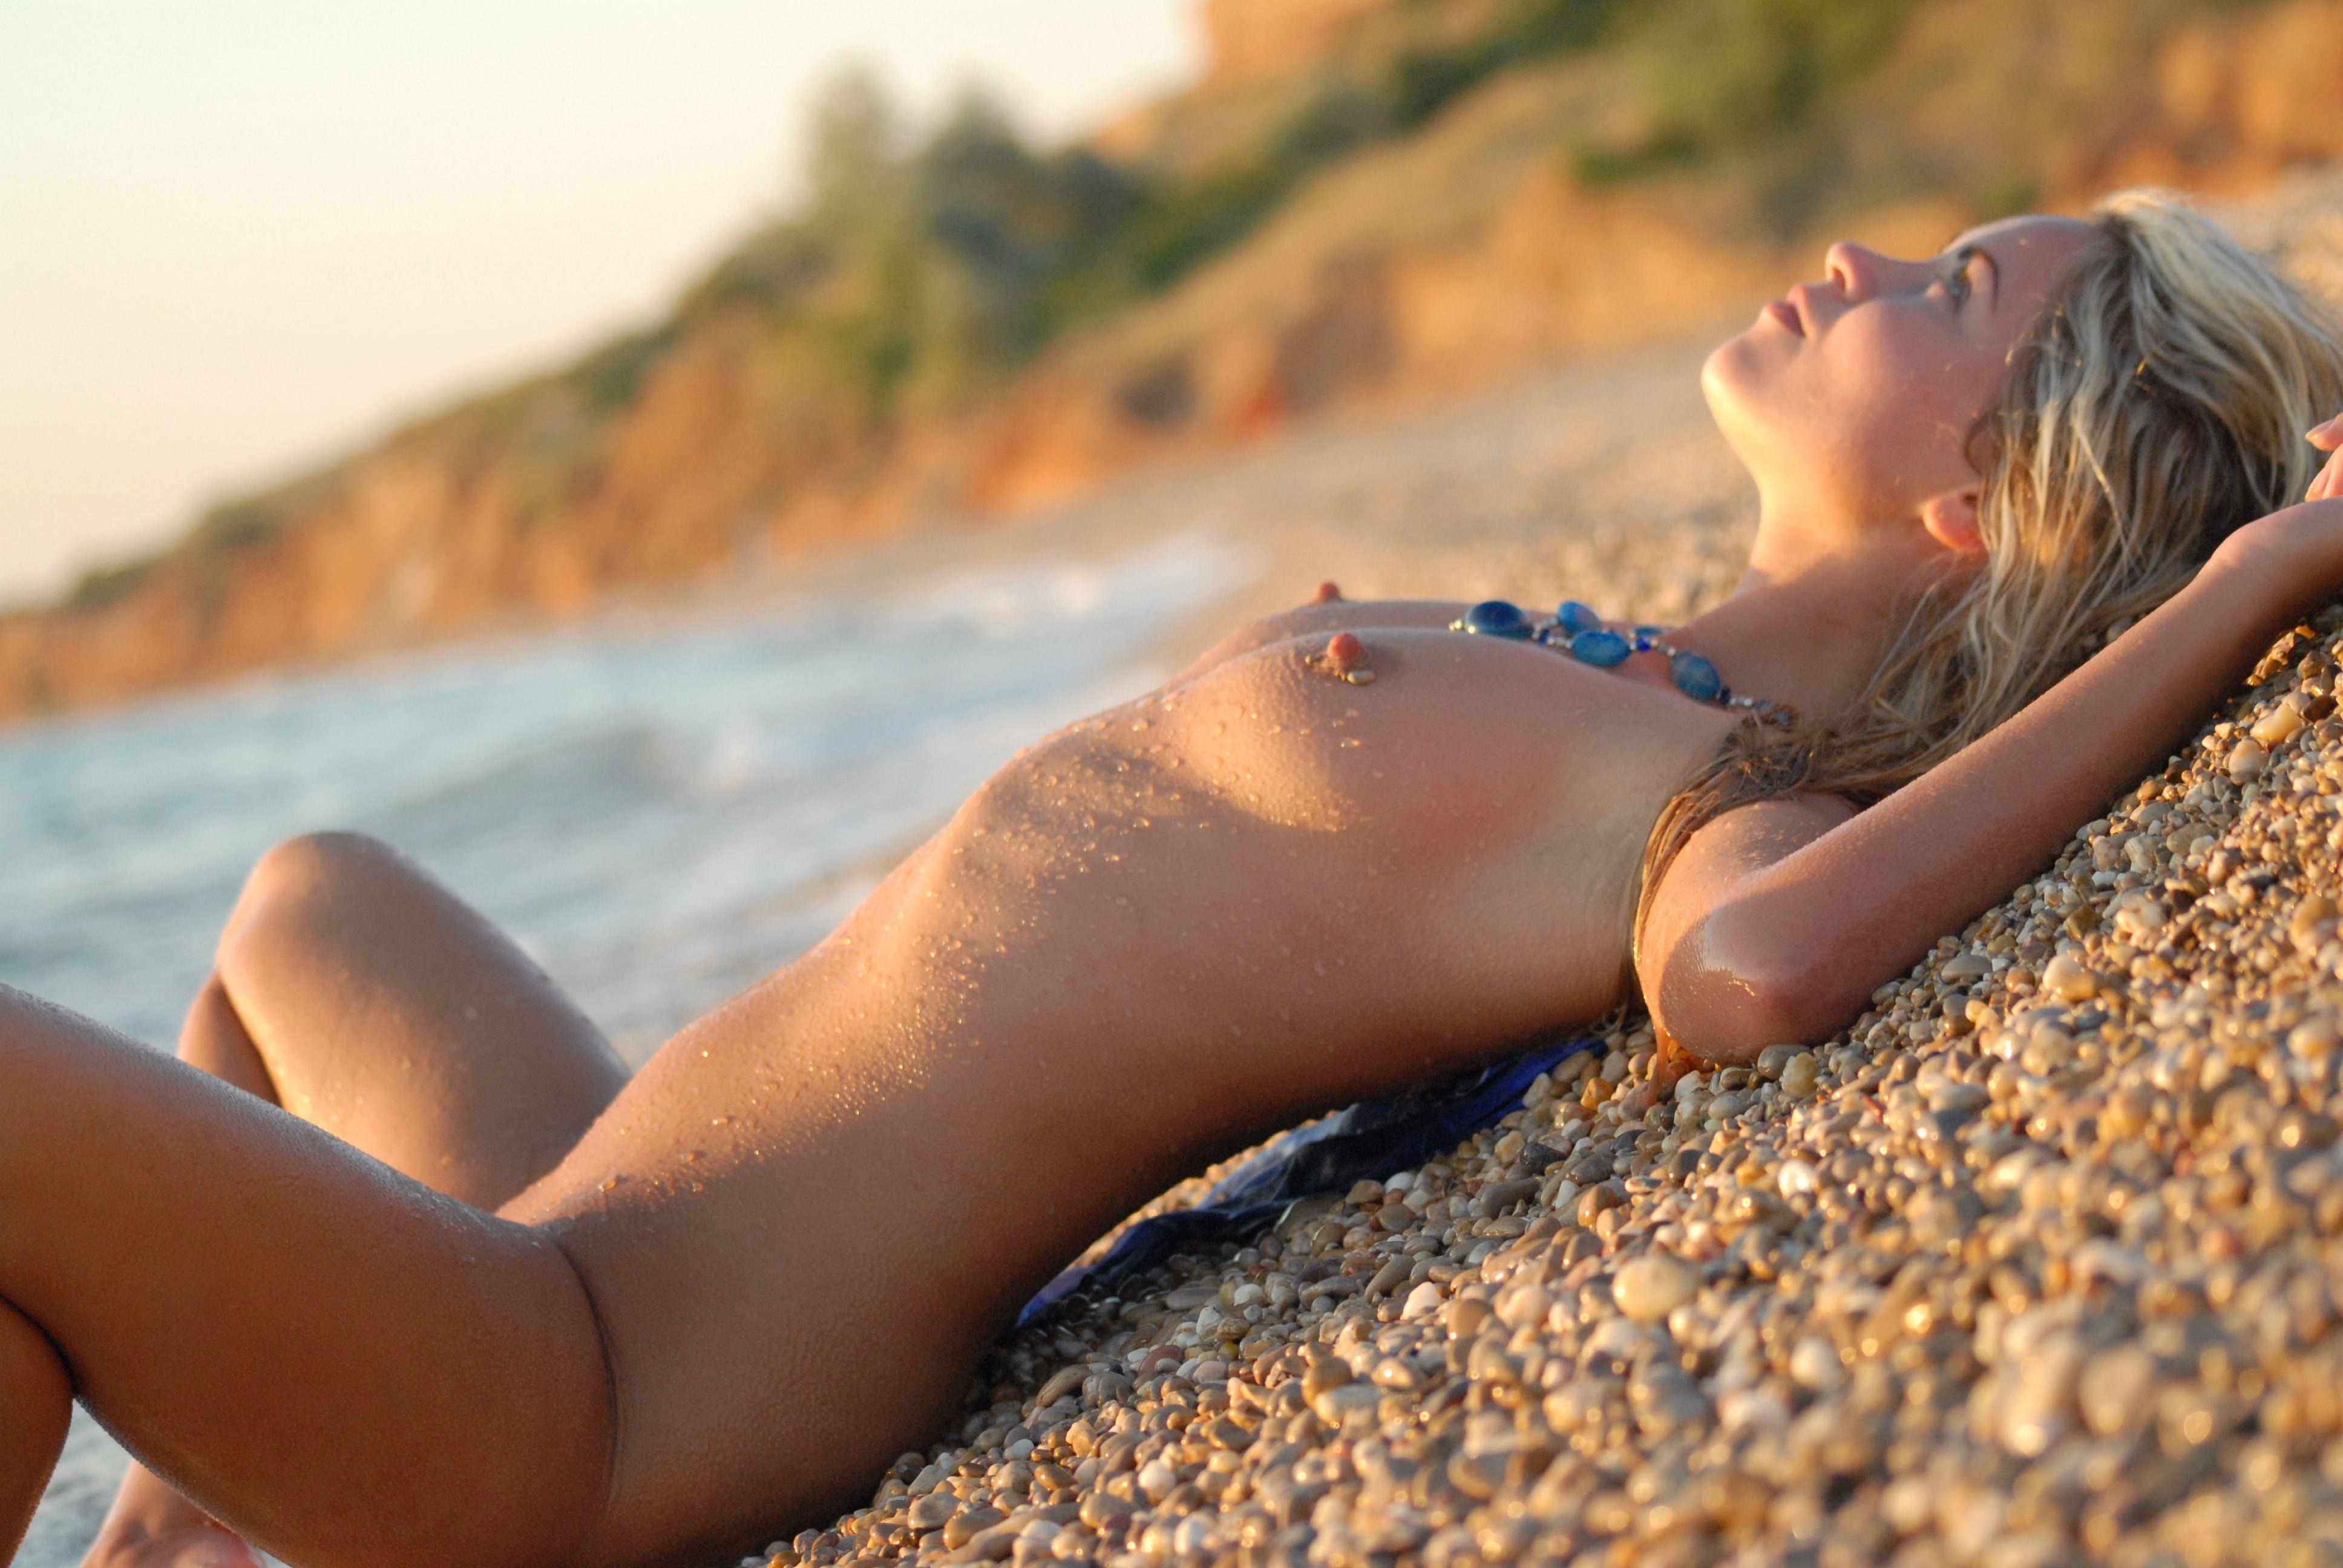 Фото Голая девушка разлеглась на гальке у моря, твердые набухшие соски, мокрая обнаженная блондинка на пляже в одиночестве, натуральная грудь, красивые мокрые небольшие сиськи, скачать картинку бесплатно